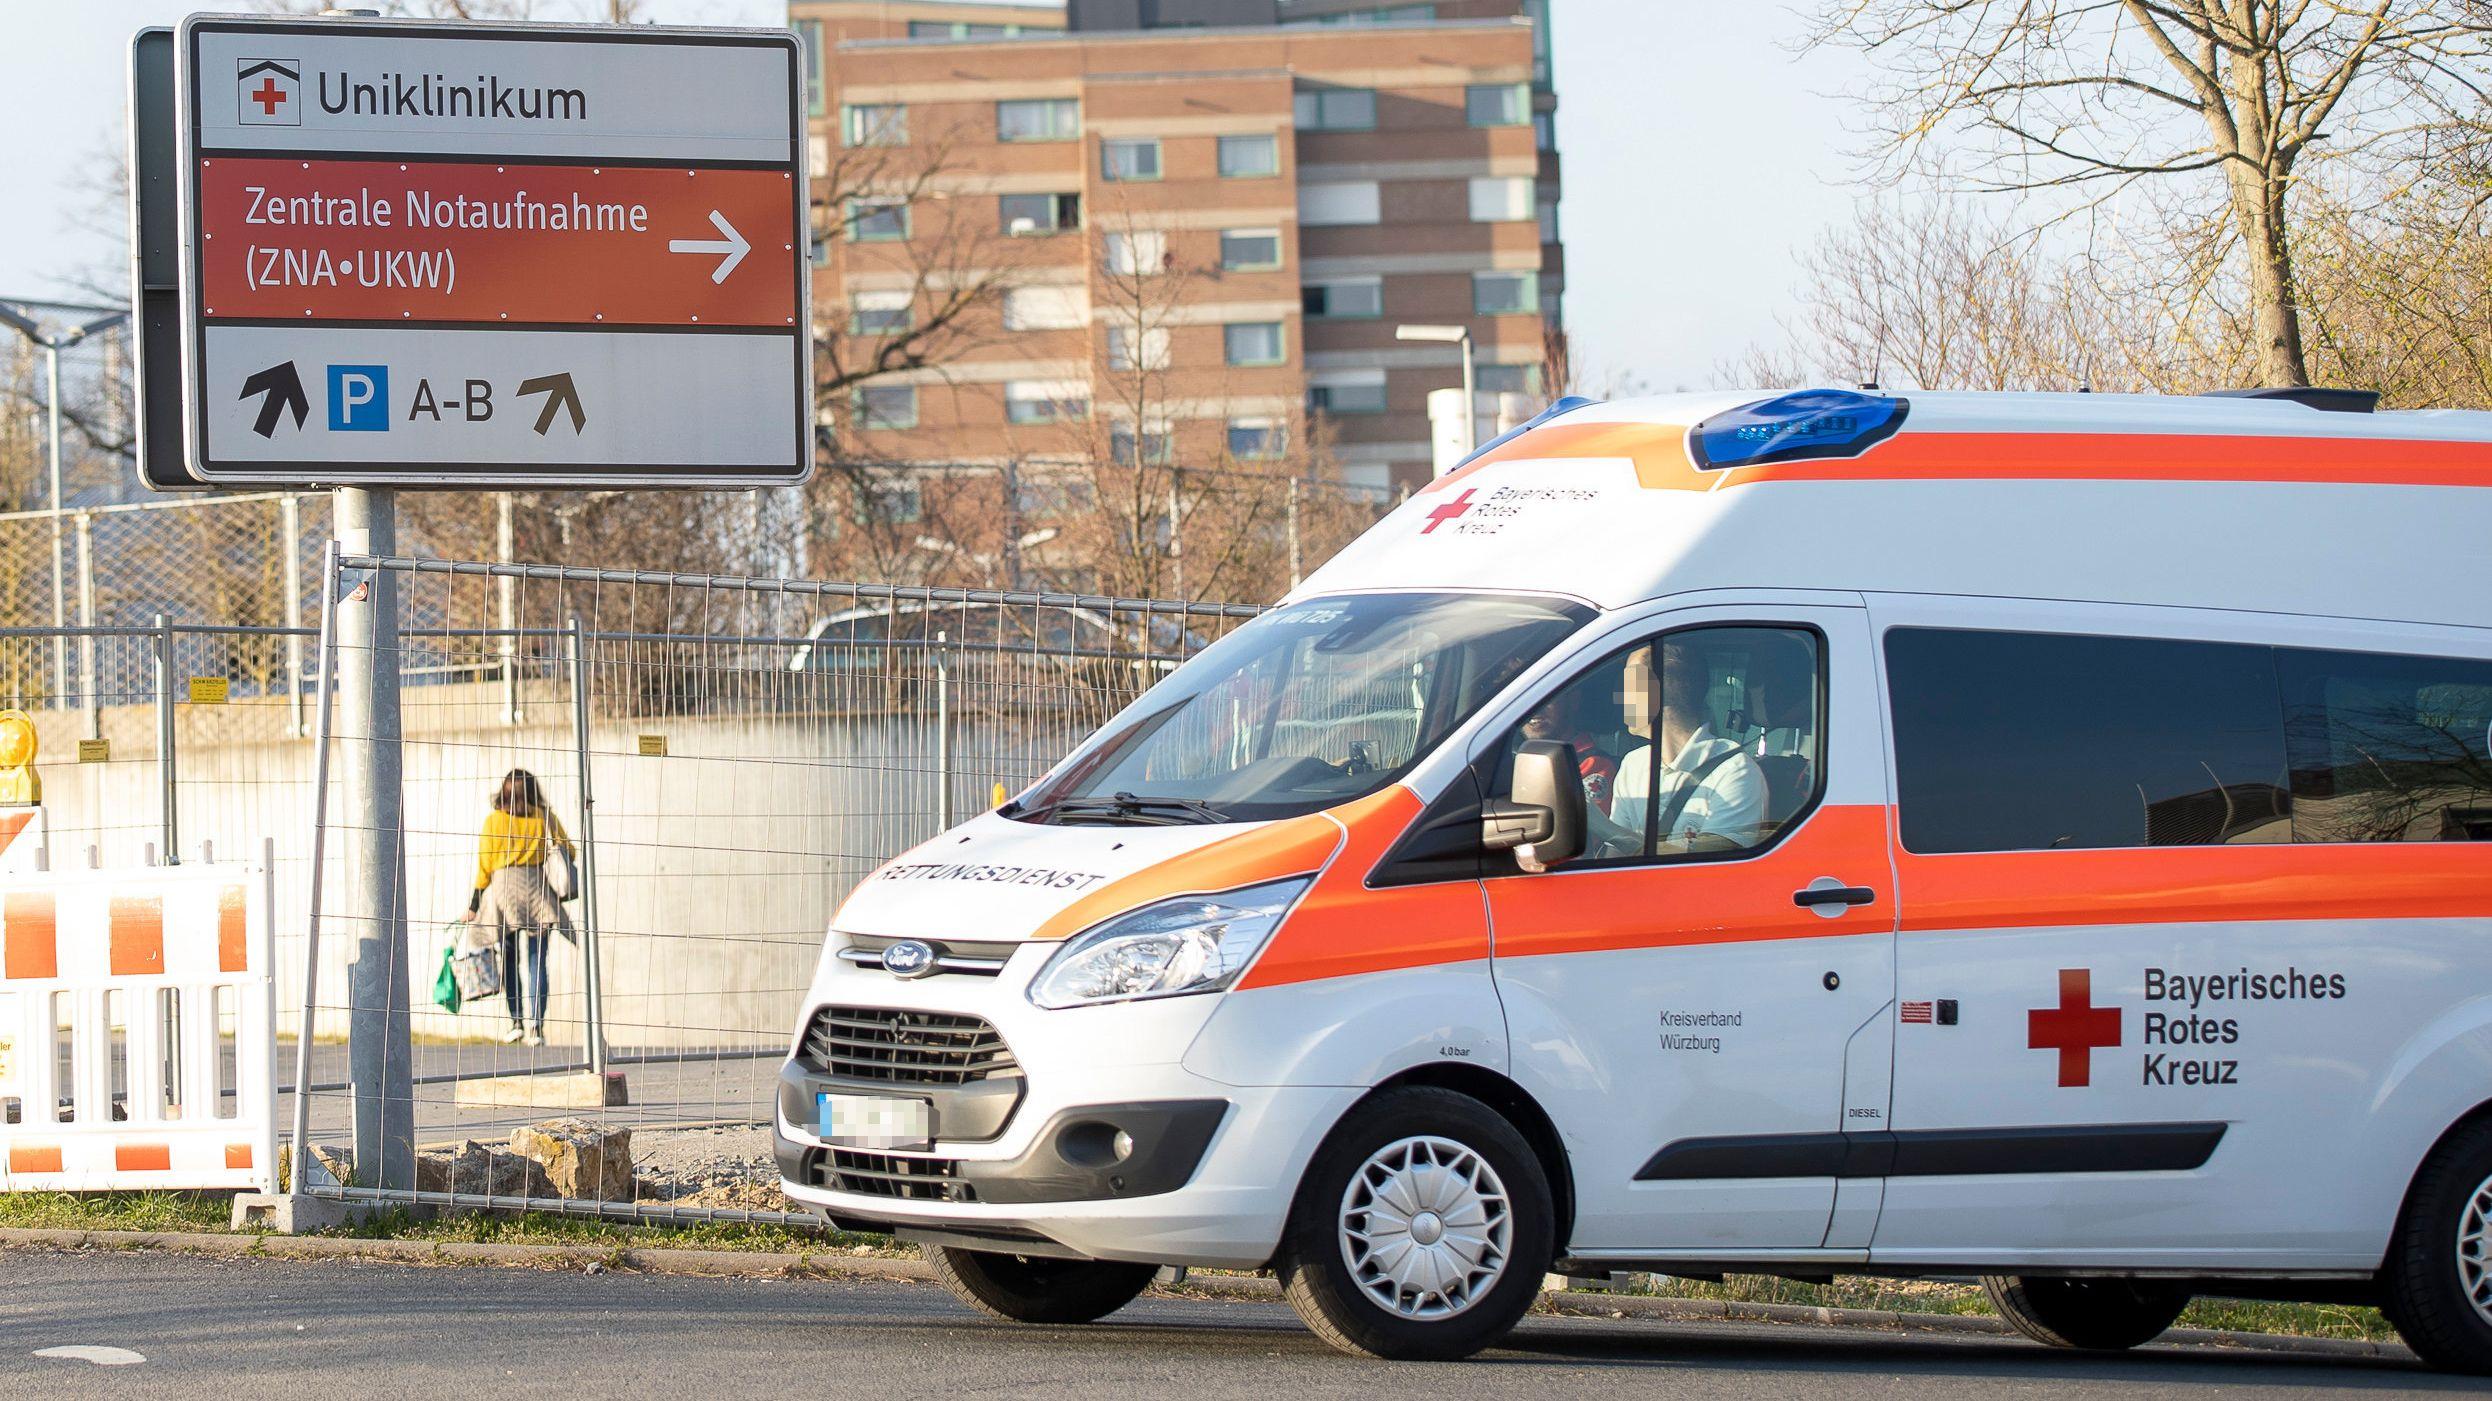 Rettungswagen am Uniklinikum Würzburg